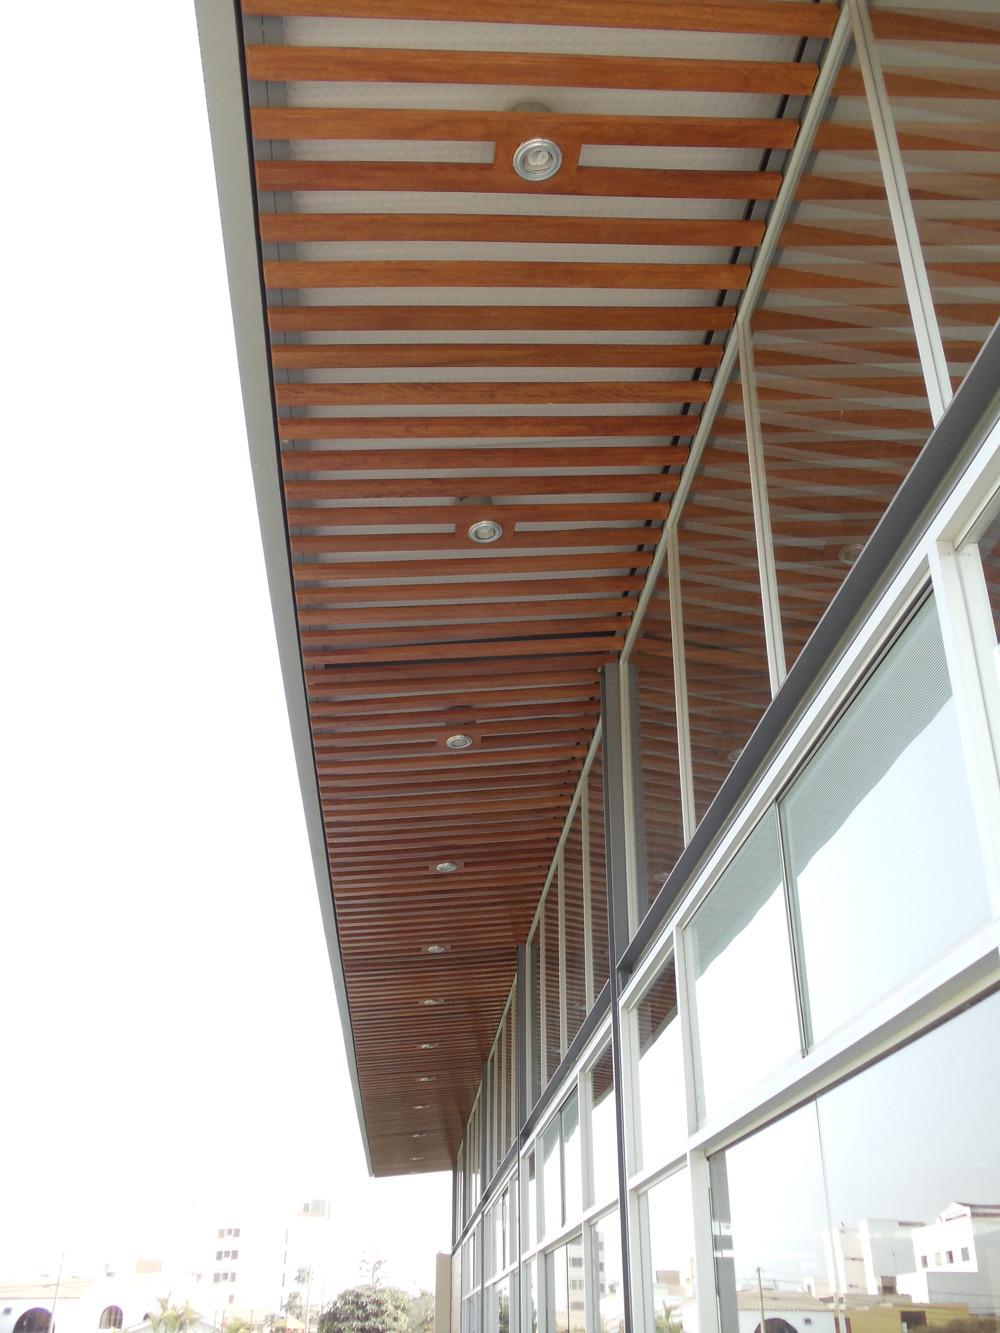 Cortesia de Laboratorio Urbano de Lima + Carmen Rivas Lombardi